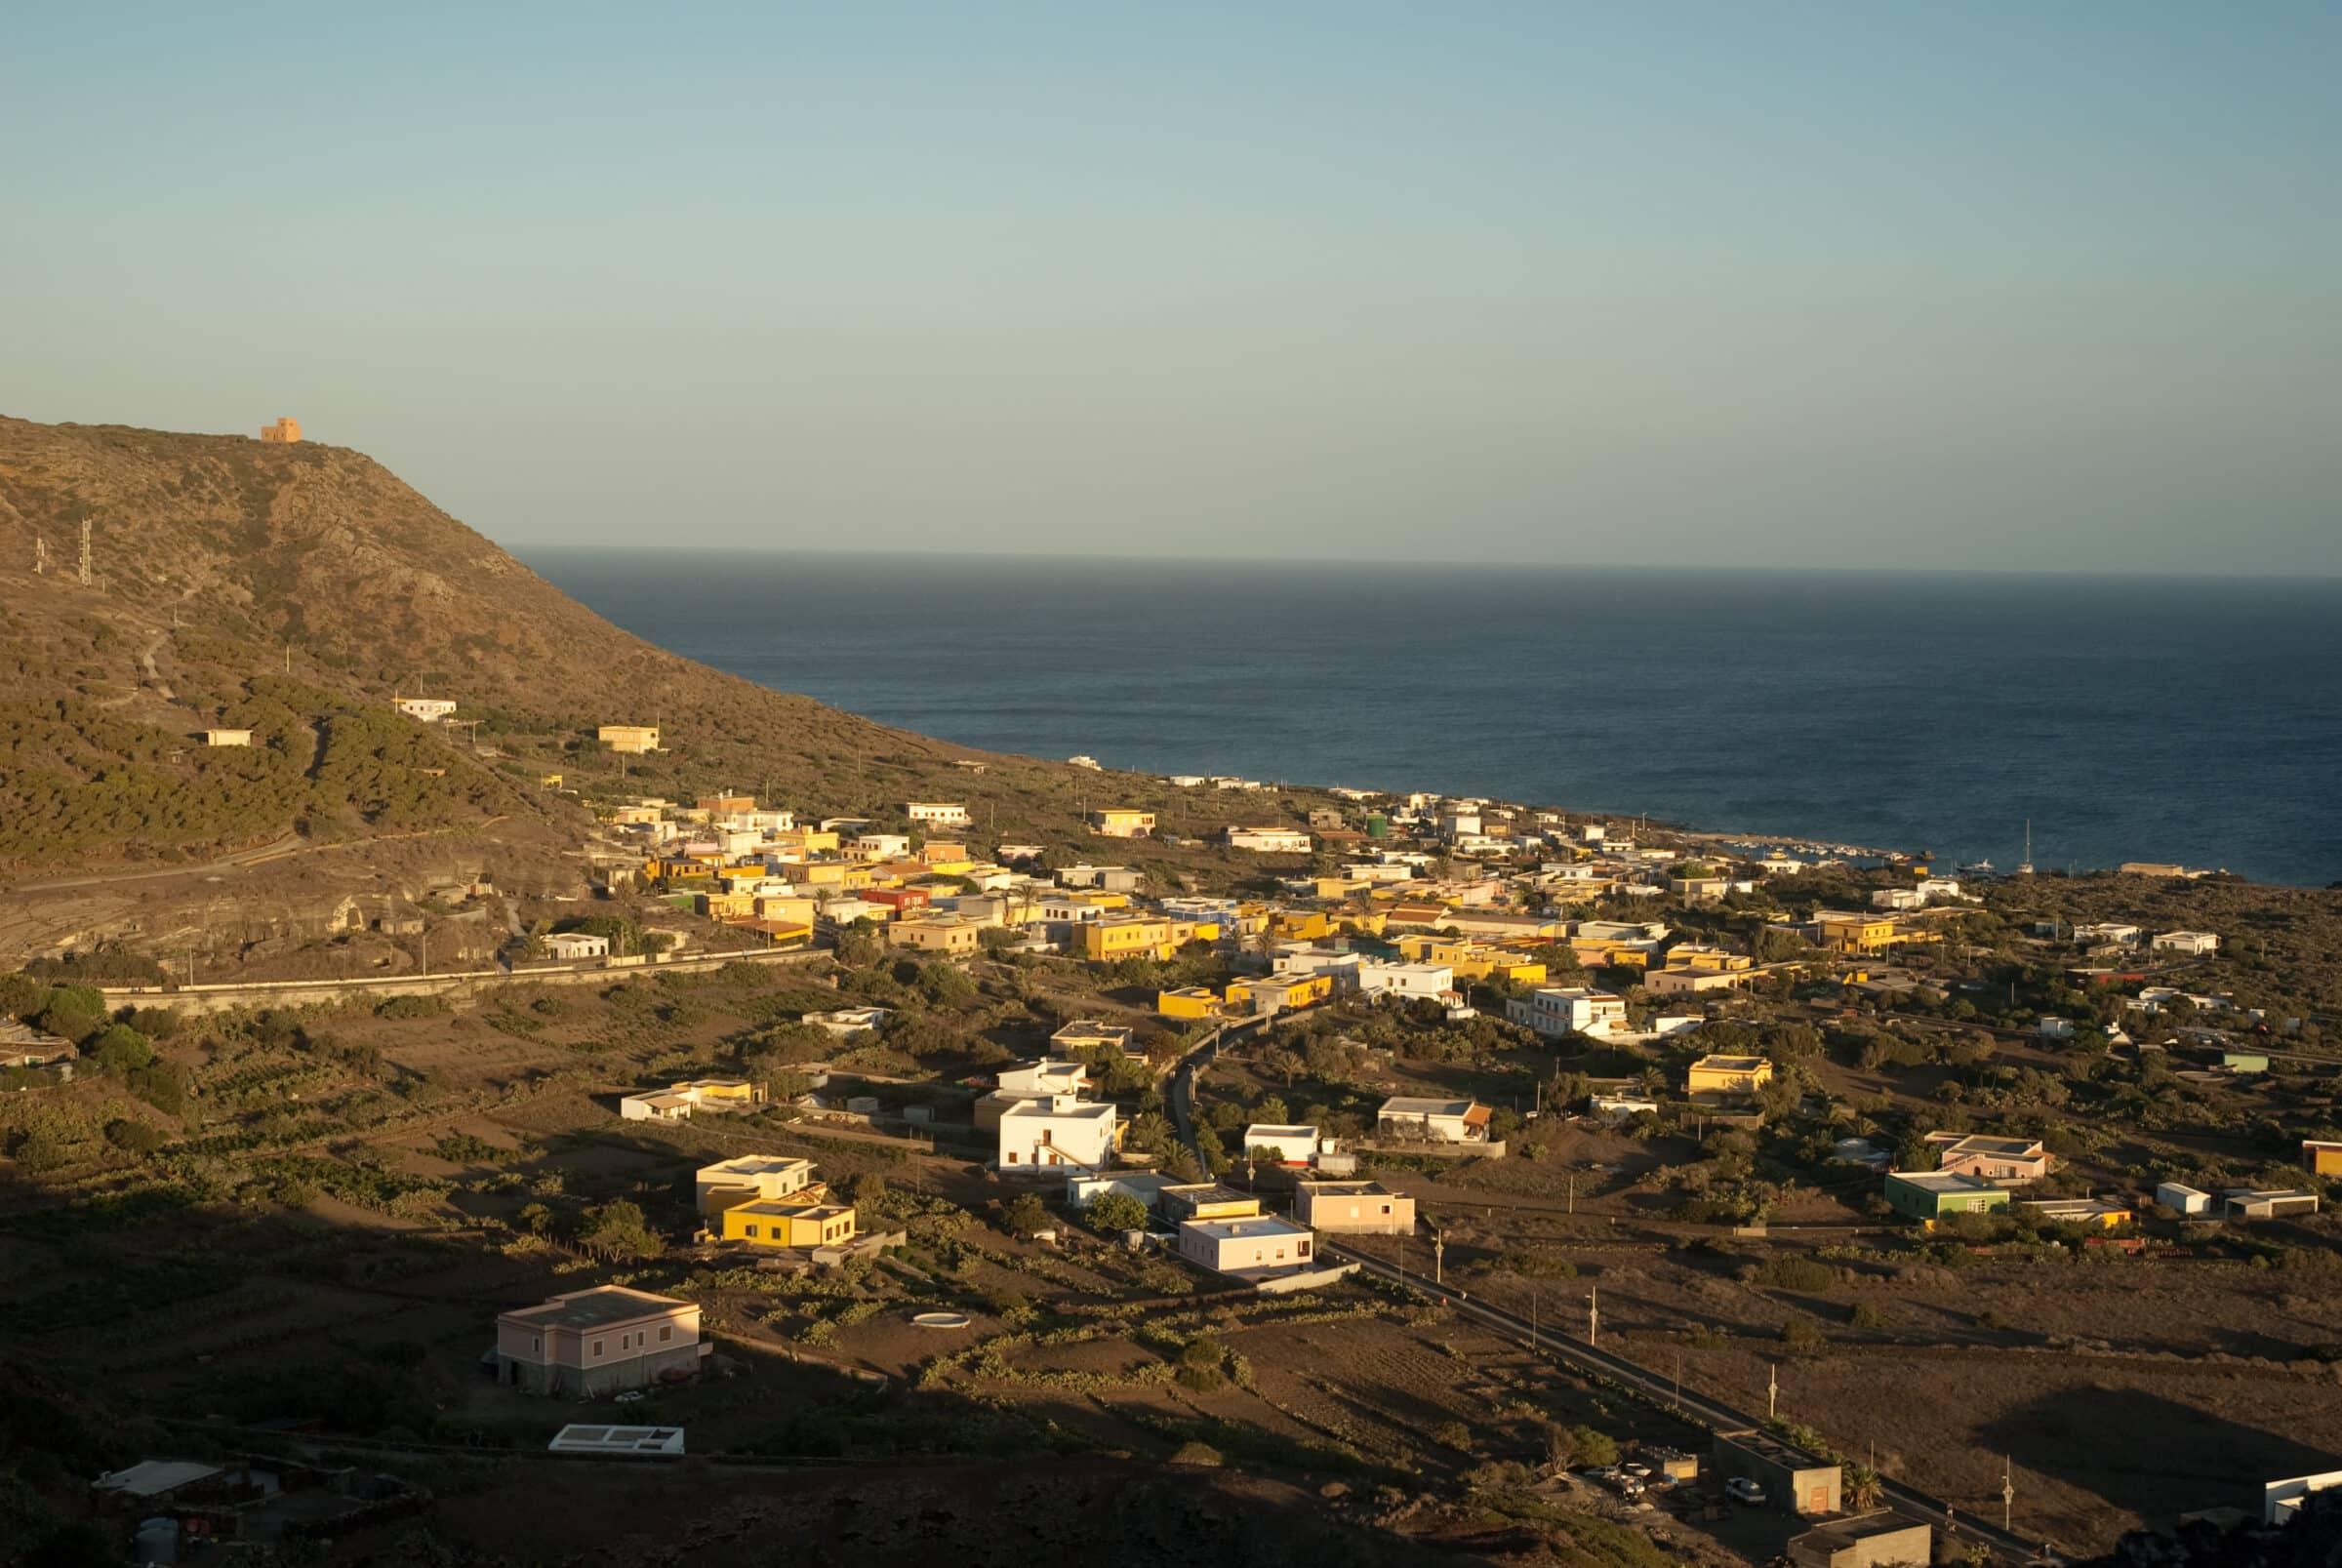 Perde il controllo dell'auto e finisce in mare: paura per un turista 86enne